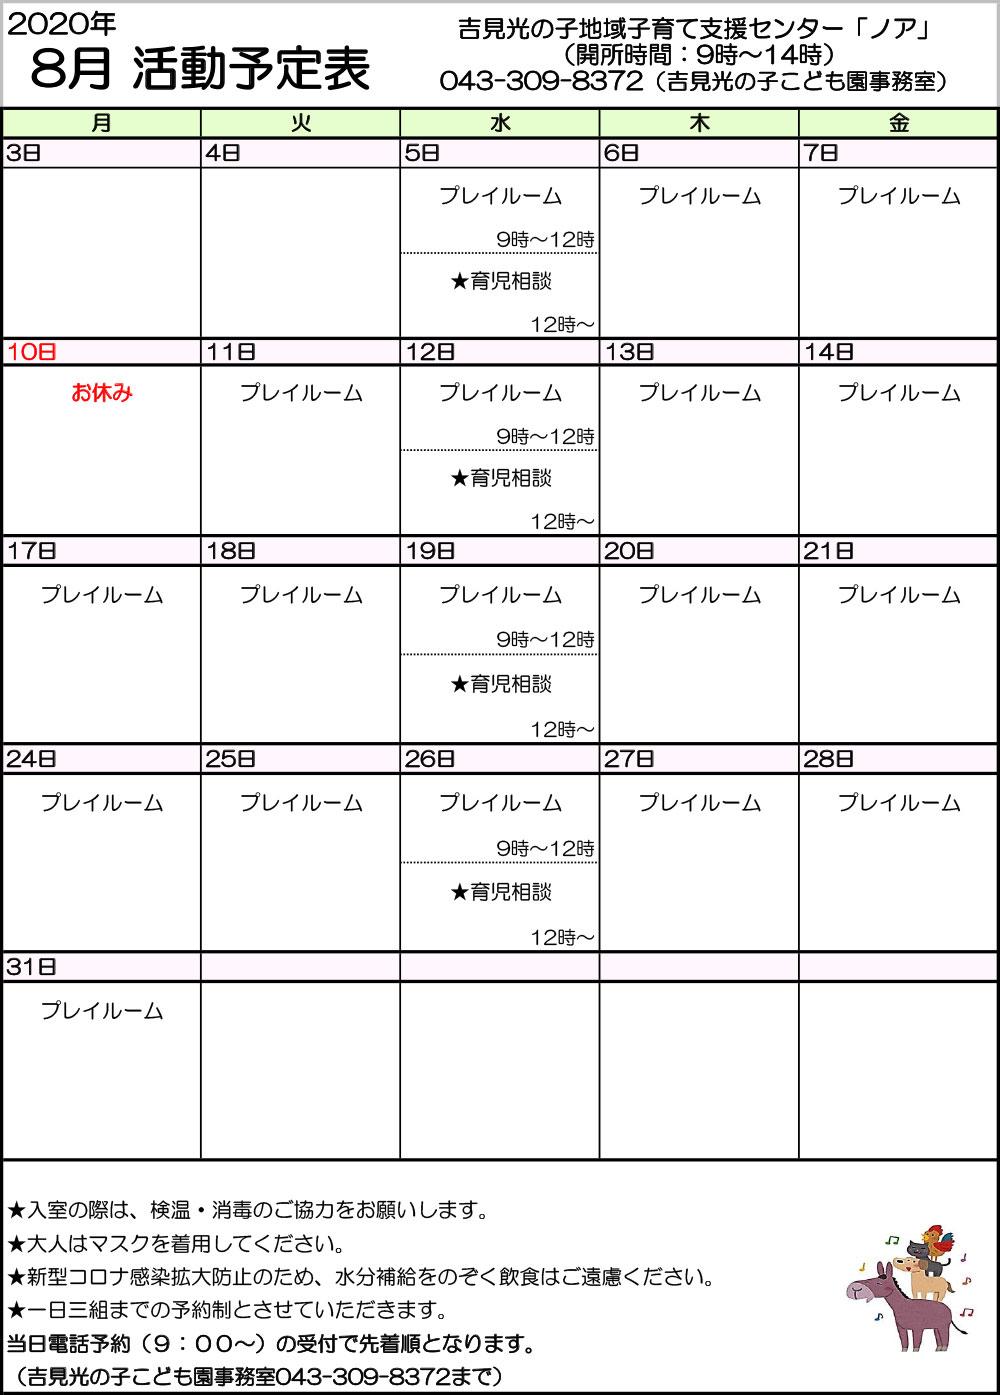 2020.8月ノア活動予定表